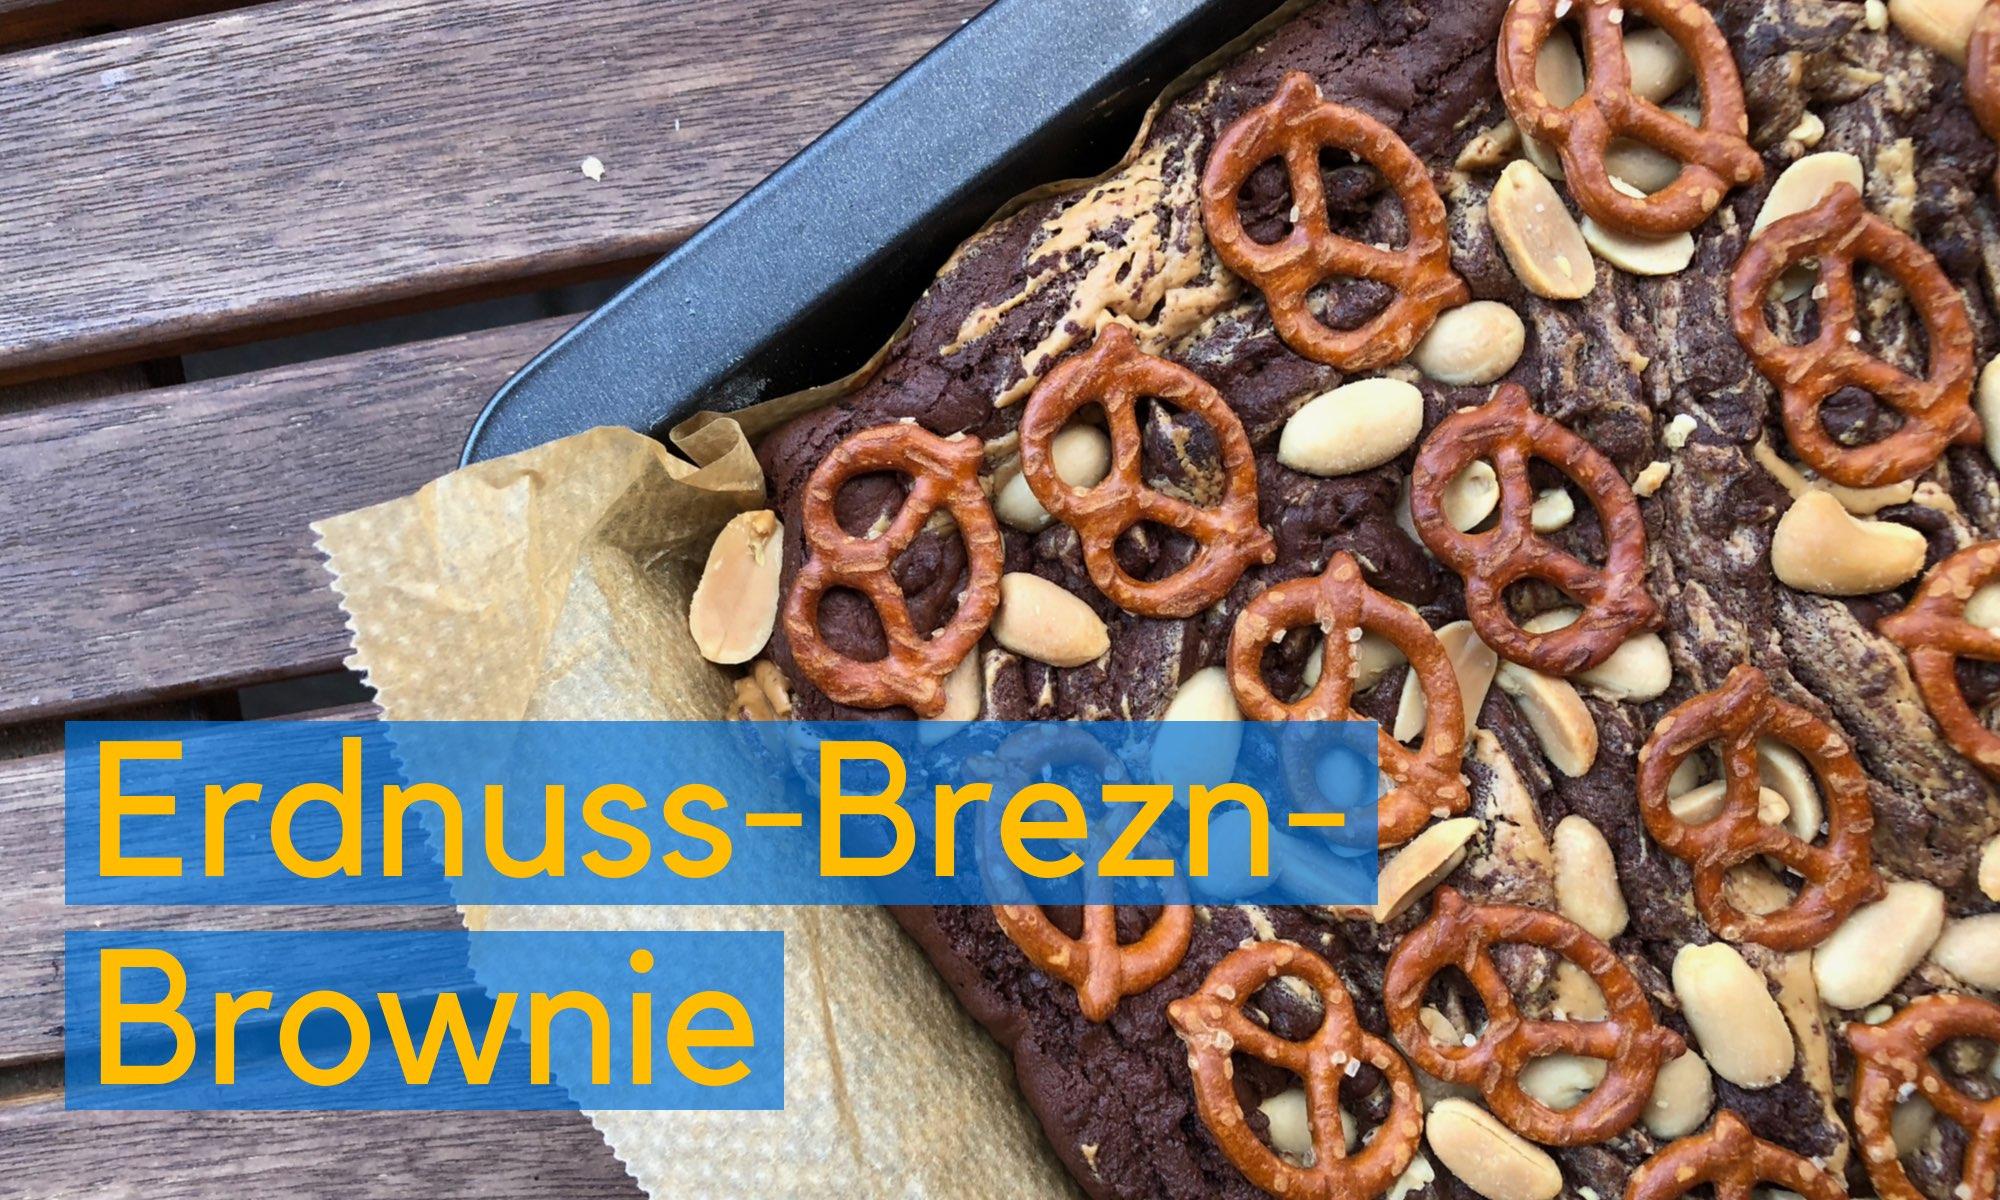 Erdnuss-Brezn-Brownie